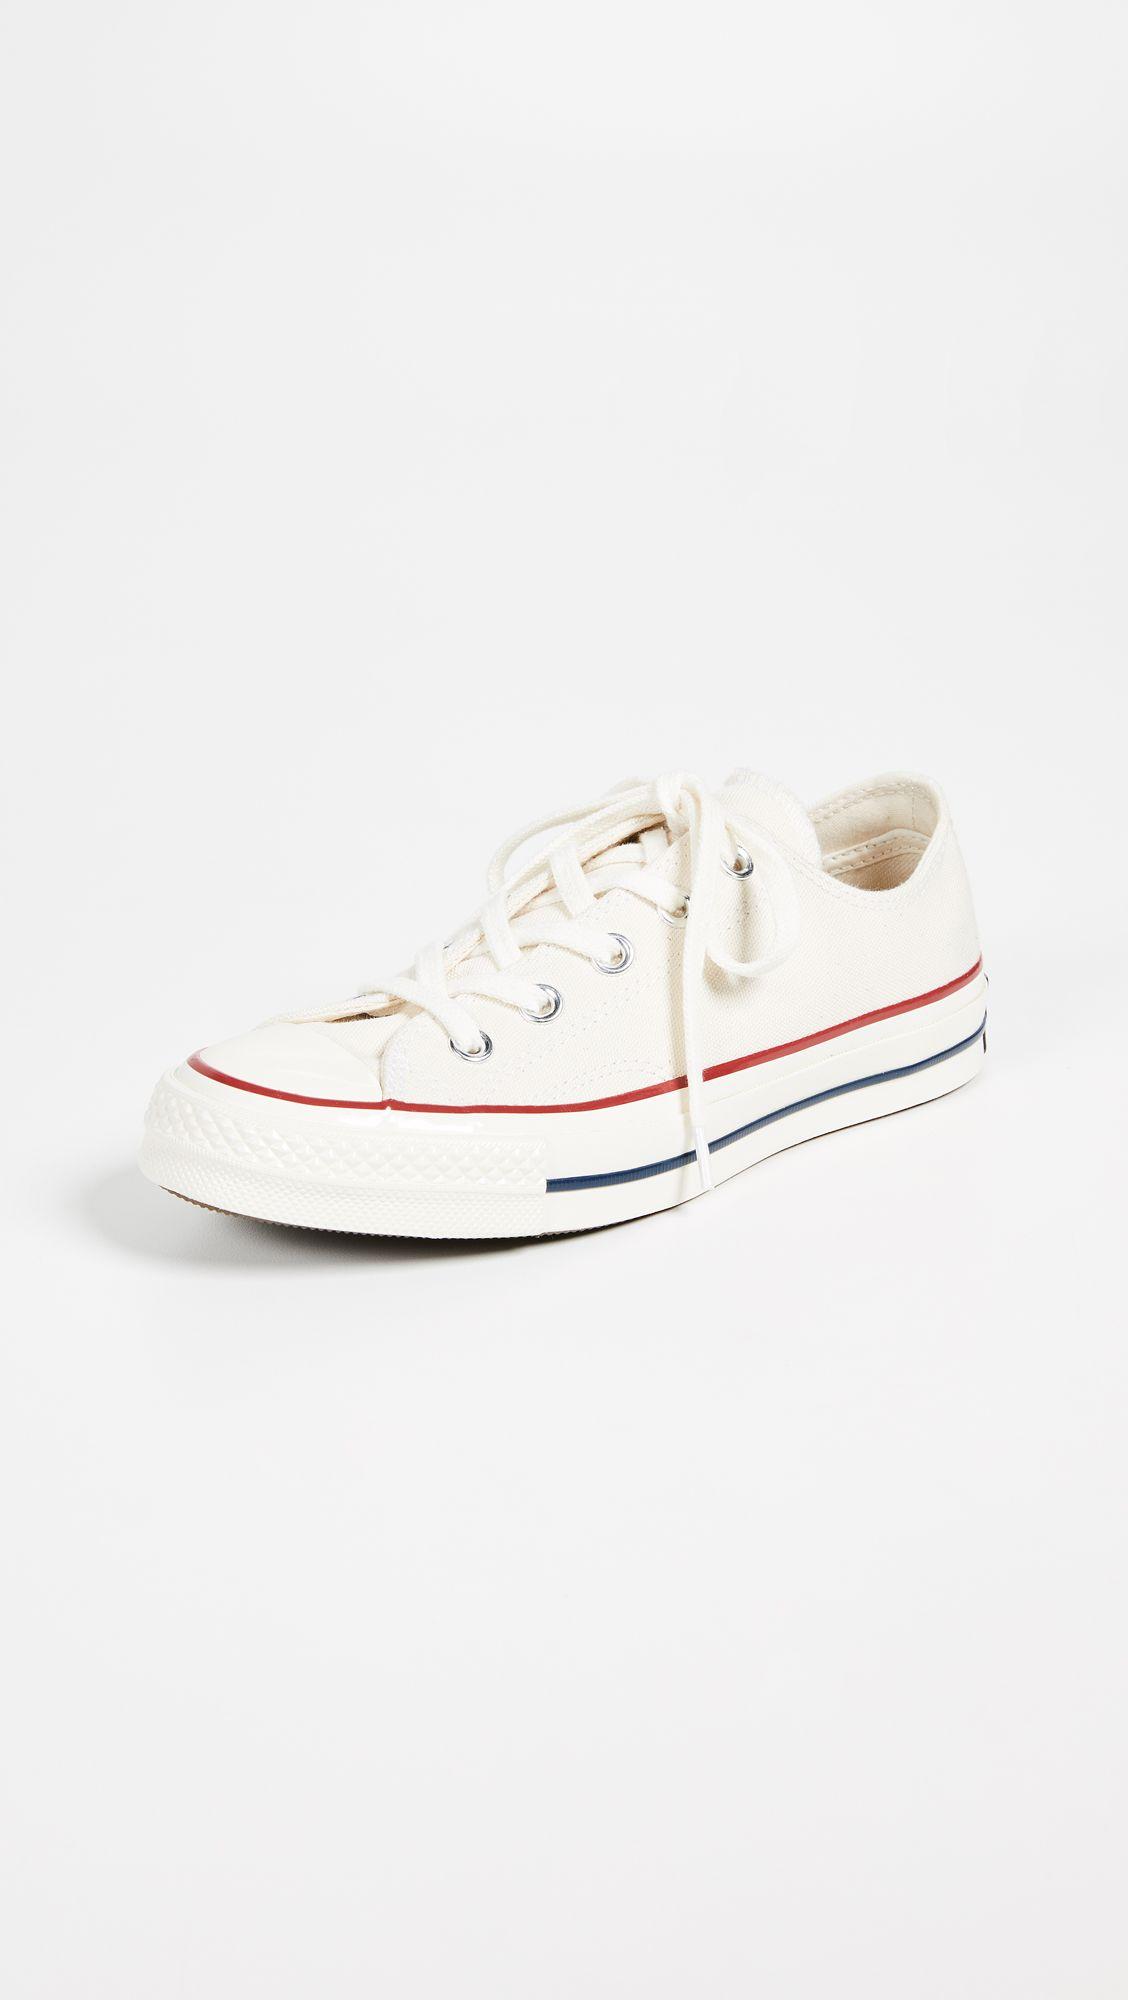 trendy sneaker brands 295033 1630367470221